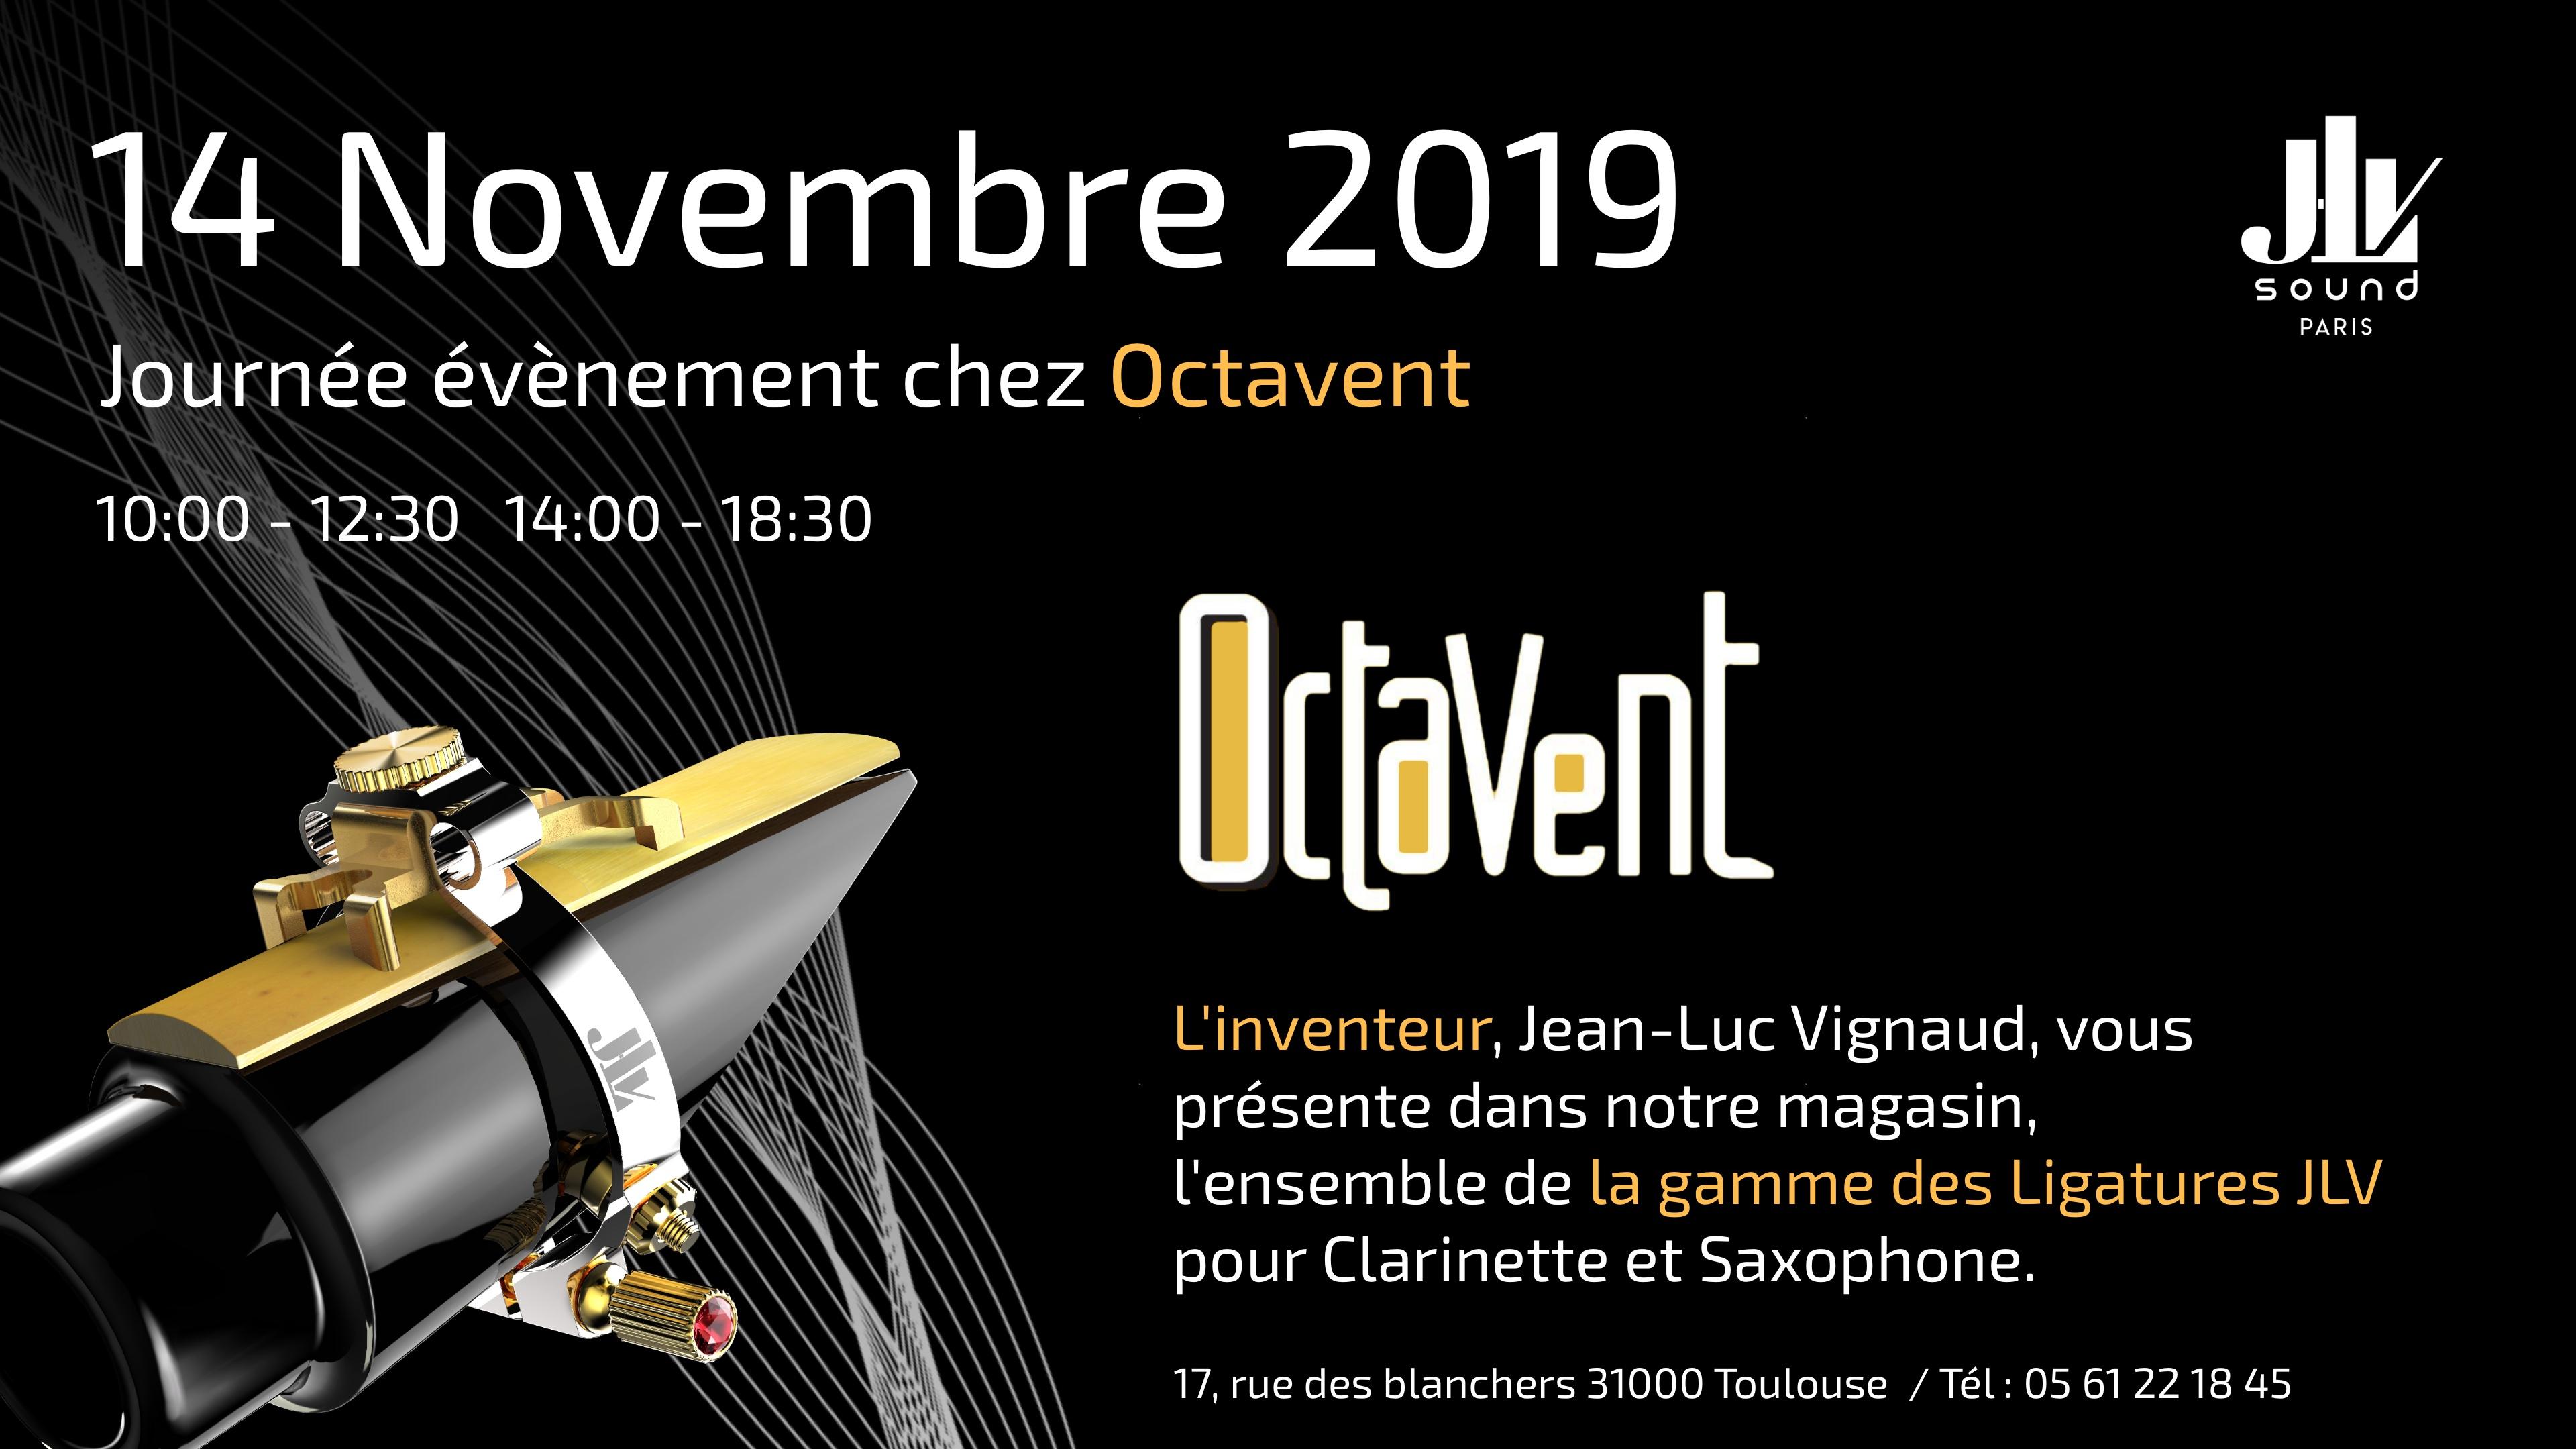 Octavent 14 novembre 2019 présentation de la gamme des Ligatures JLV